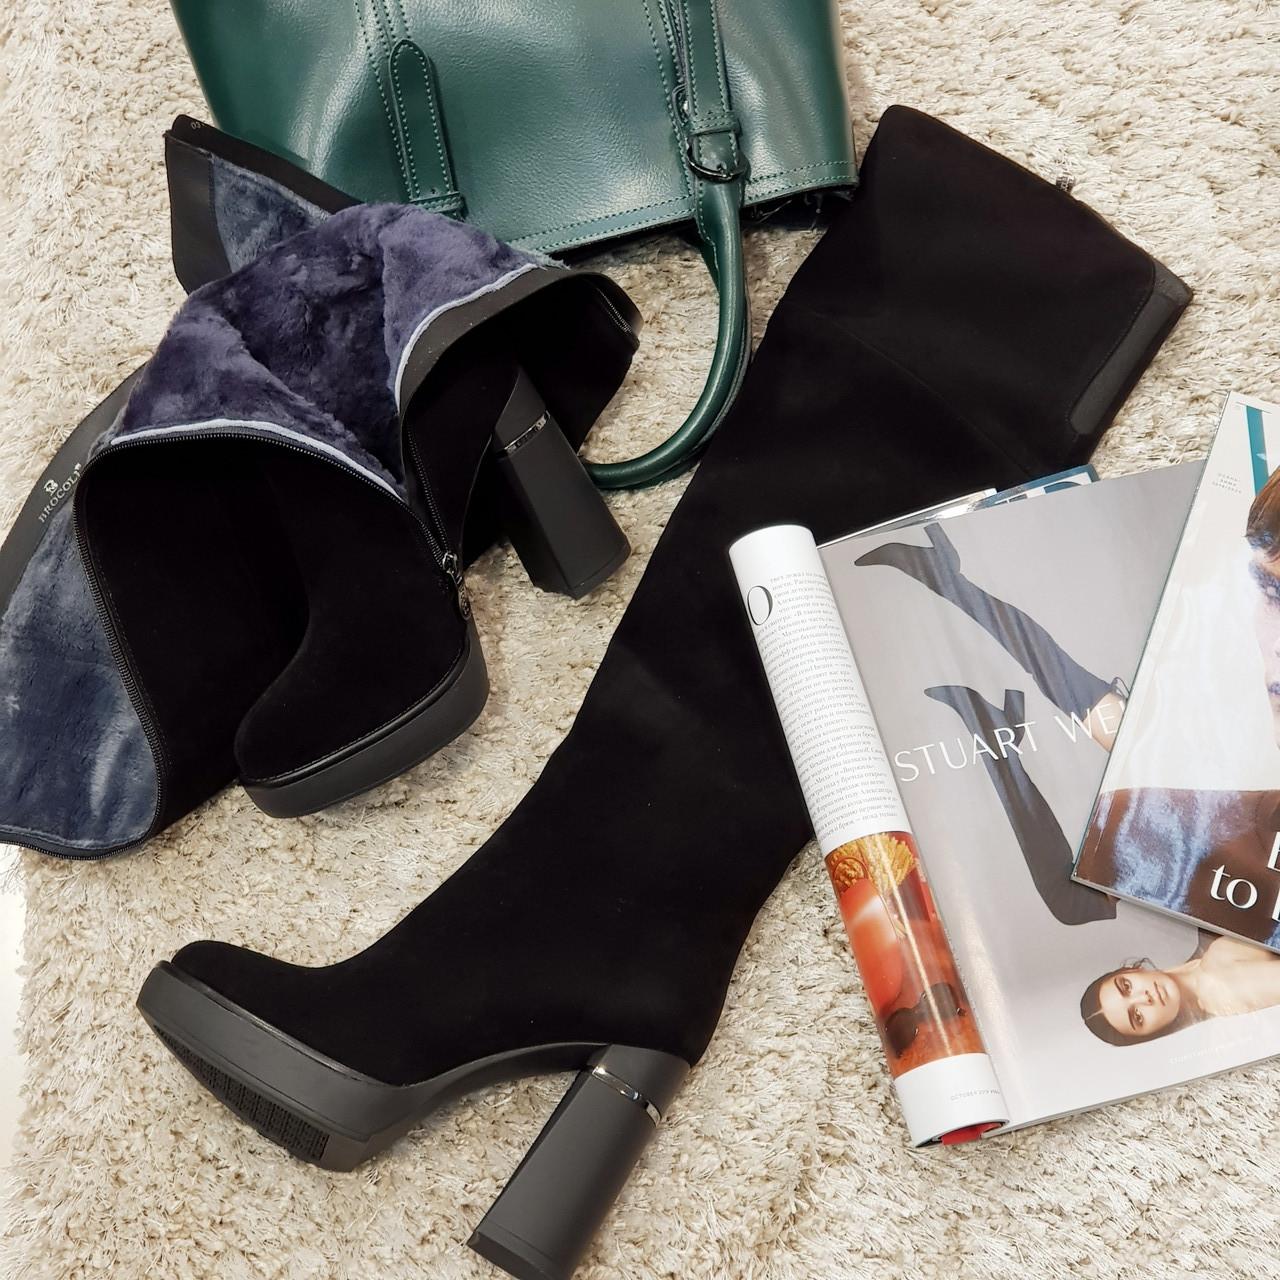 Ботфорты сапоги женские зимние из натуральной замши и натурального меха на каблуке черные